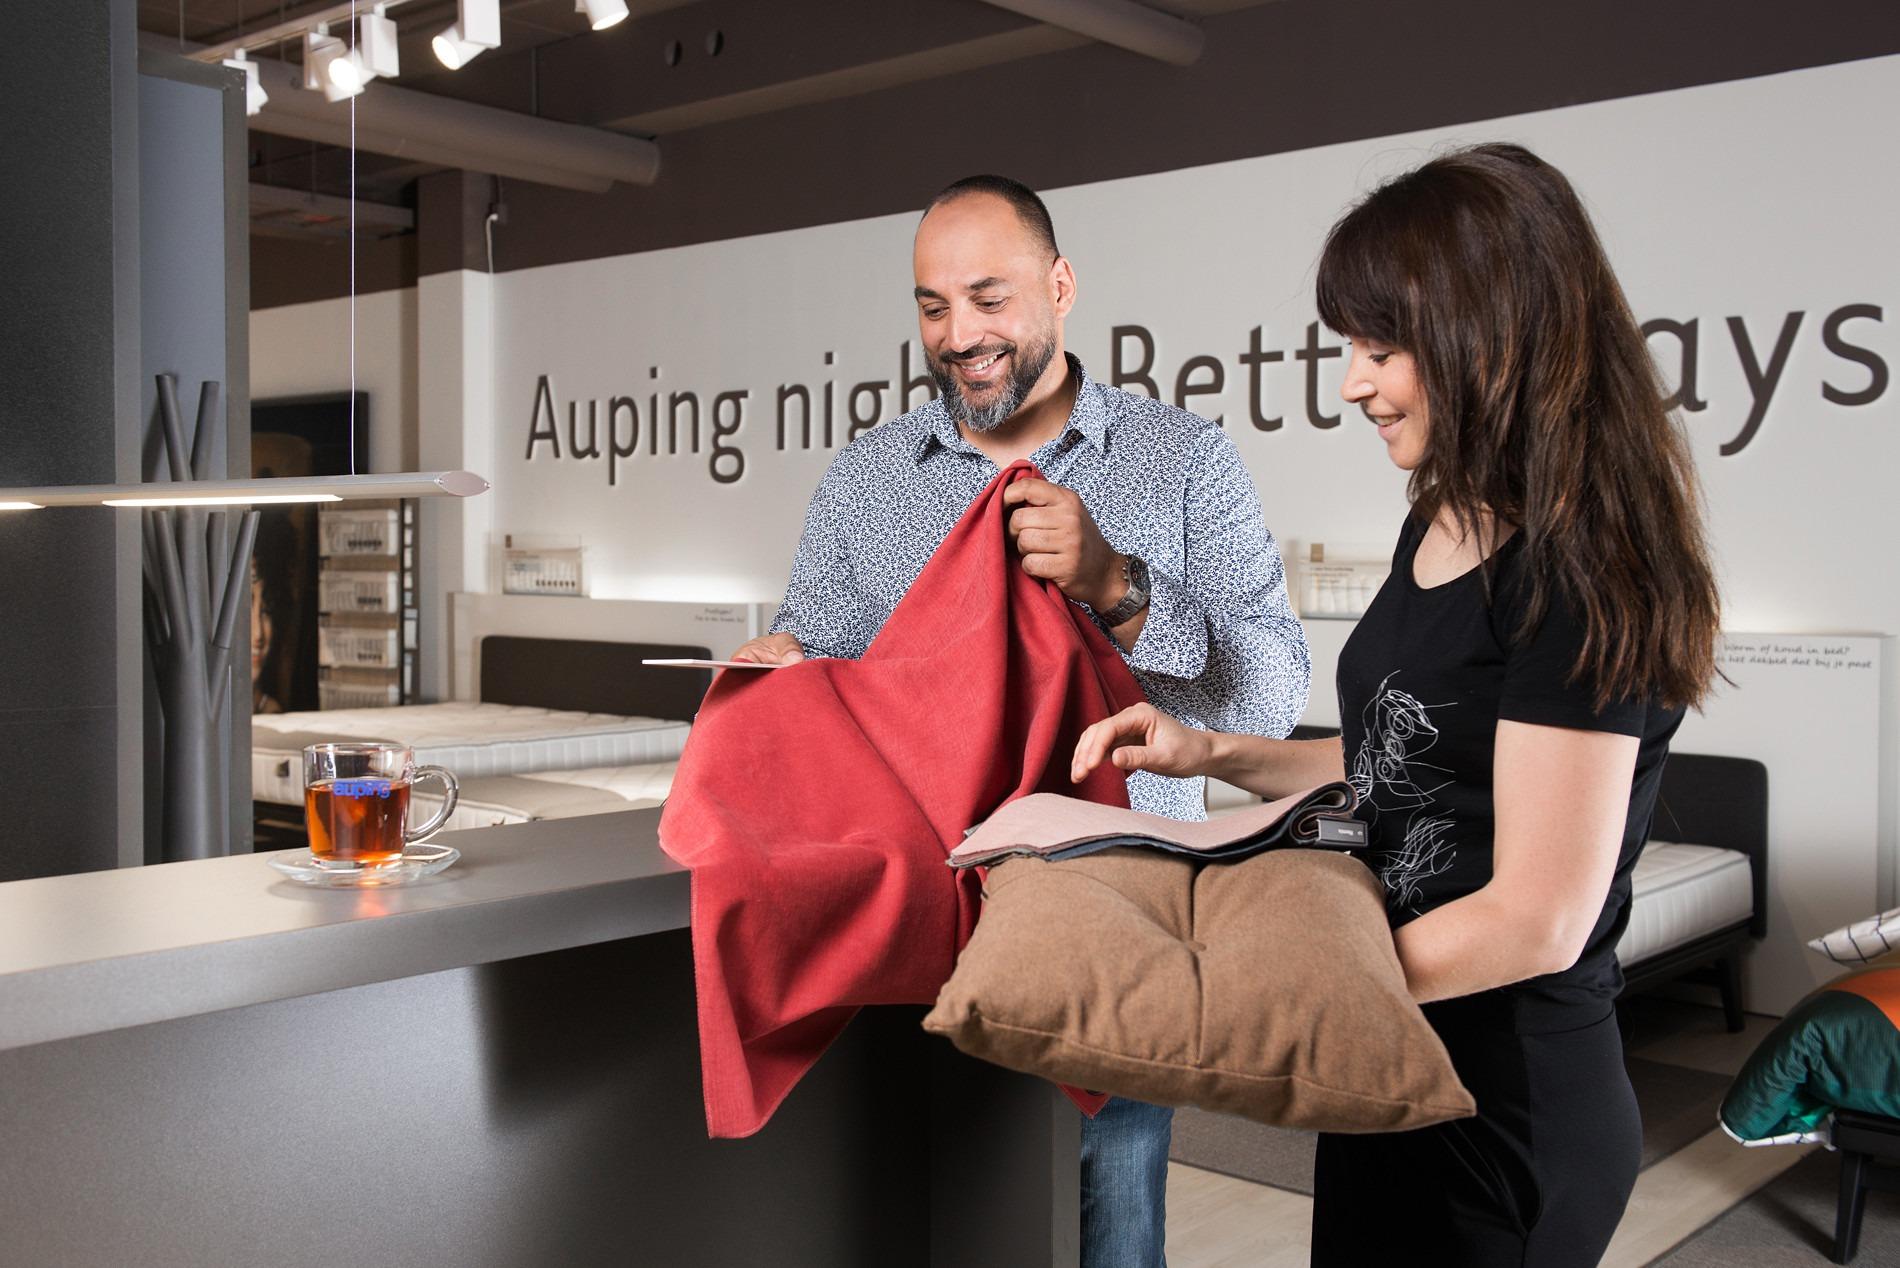 Krijg persoonlijk advies bij de Auping beddenwinkels in Den Haag